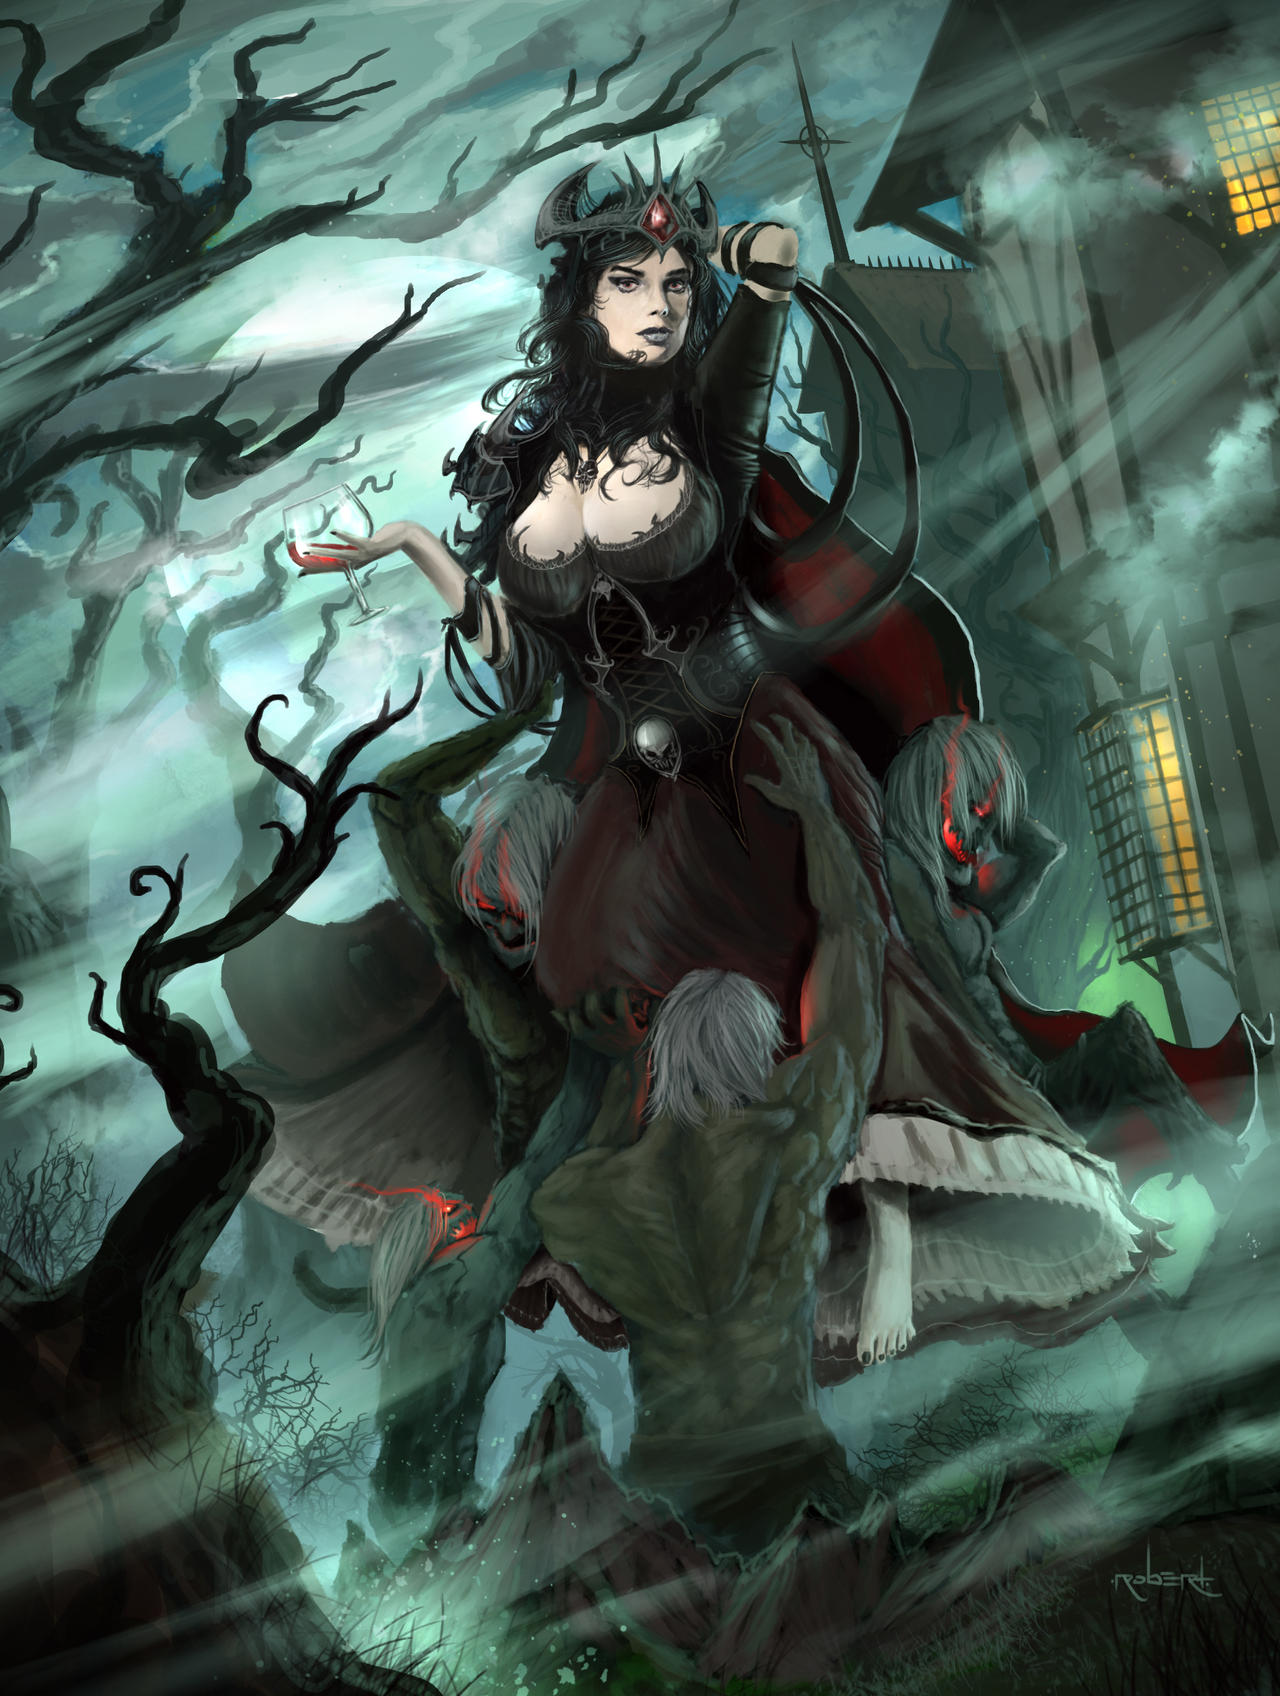 https://img00.deviantart.net/b472/i/2015/364/a/5/vampire_mistress_by_d1eselx-d9m41zz.jpg